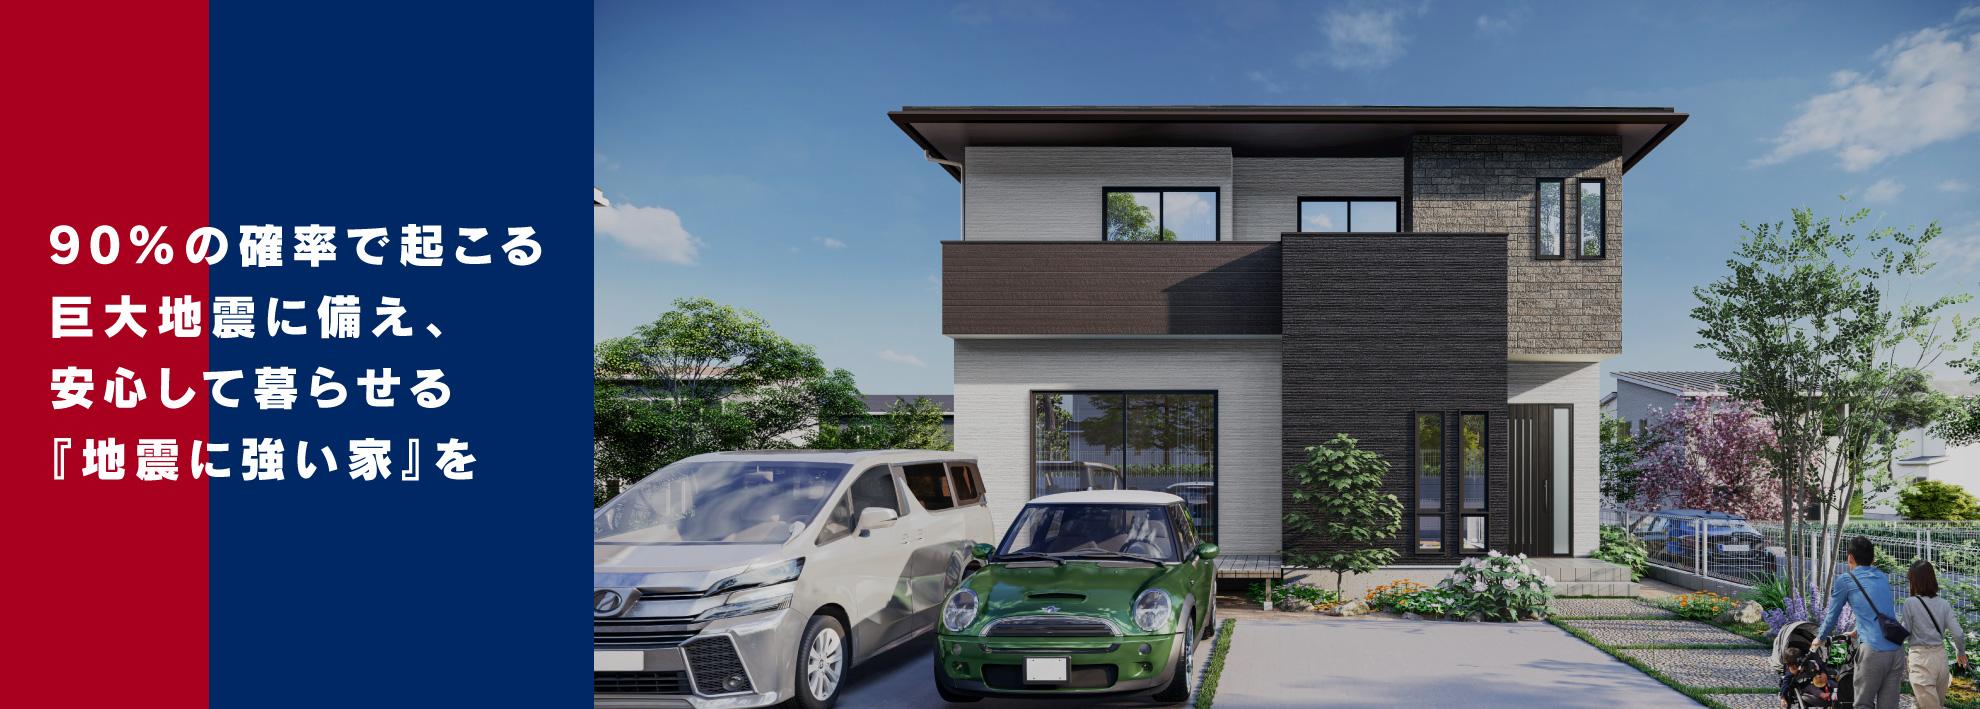 90%の確率で来る巨大地震に備え安心して暮らせる地震に強い家を。